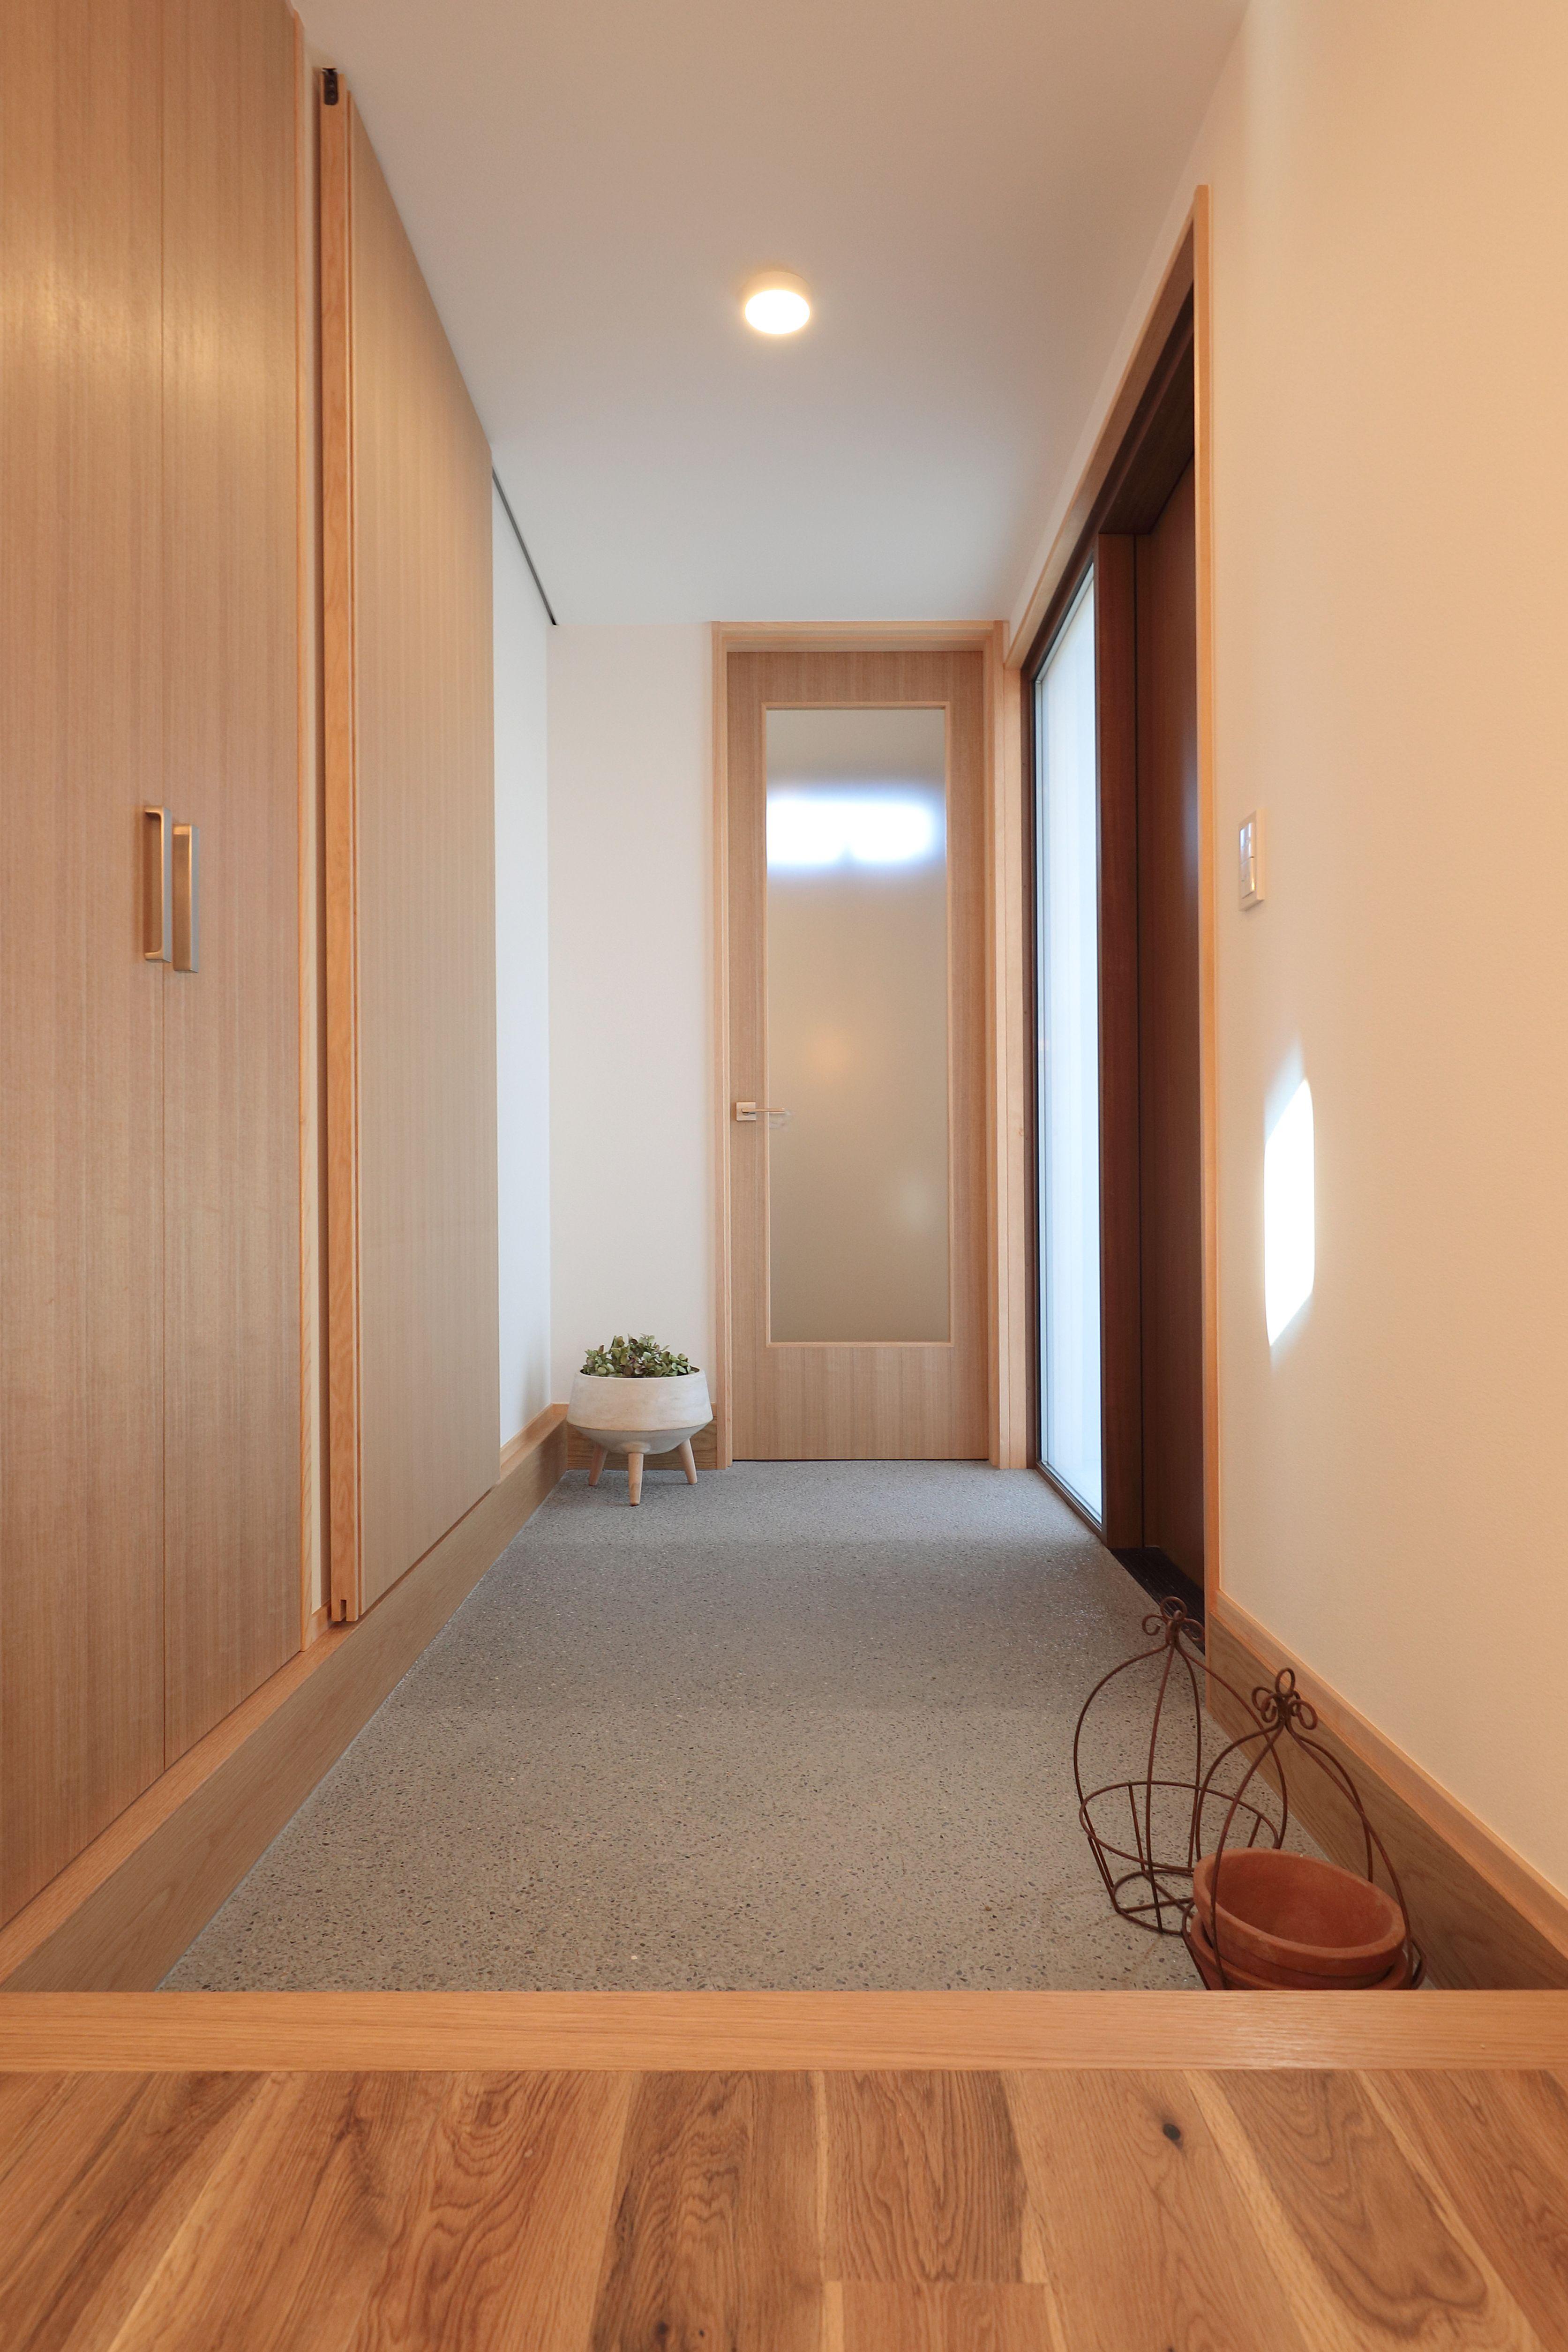 玄関ドアの部分や収納扉が明り取りになっているので日中は電気を付け